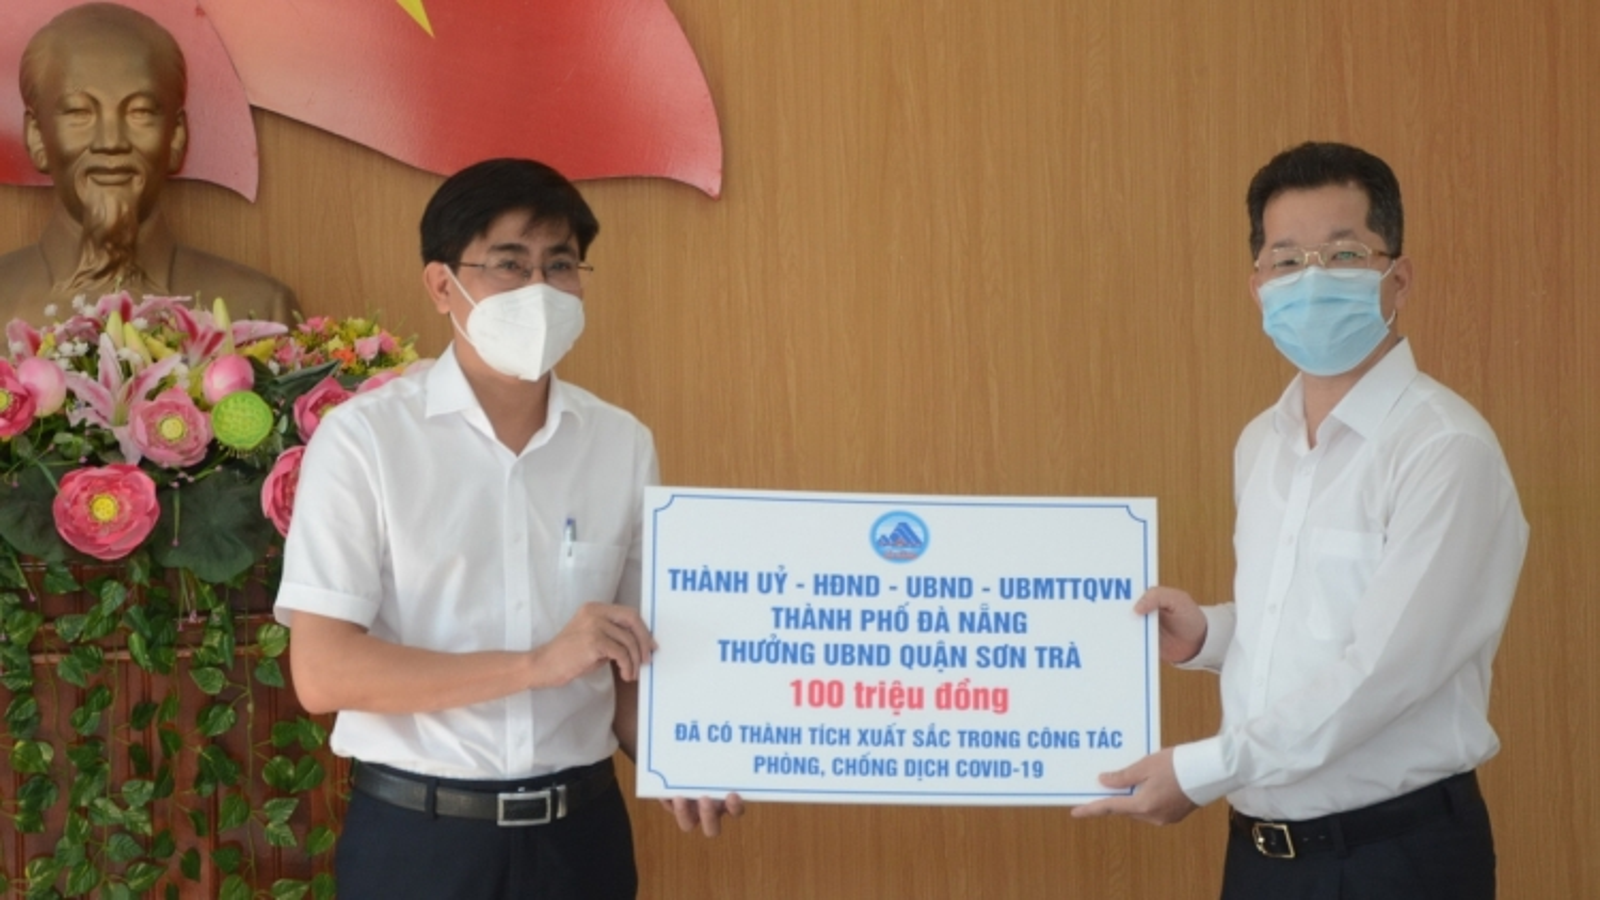 Đà Nẵng khen thưởng quận Sơn Trà và CDC trong phòng, chống dịch COVID-19